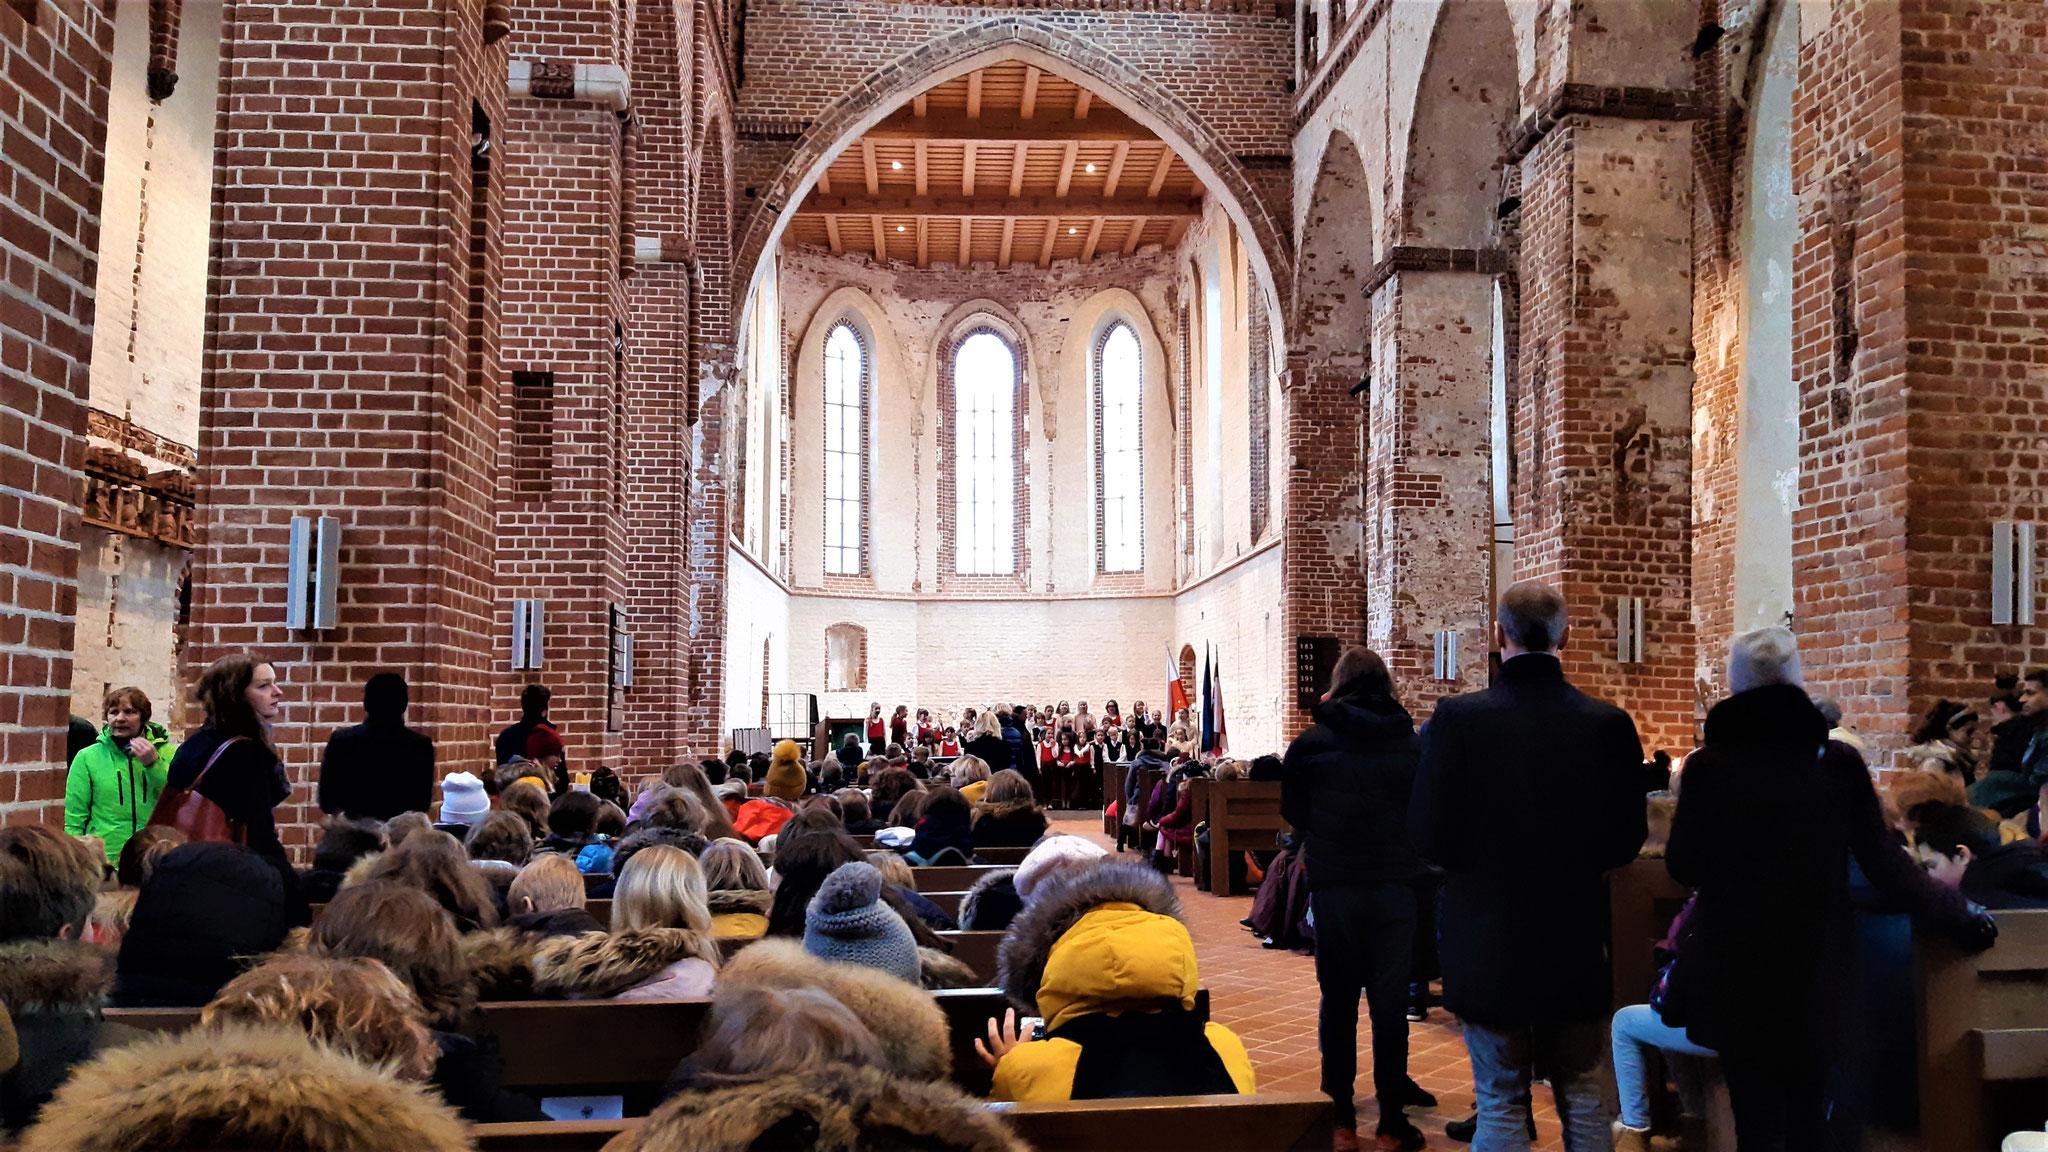 Zum Nationalfeiertag in die Jaani kirik. Unsere katholische Kirche würde mit allen Schüler_Innen aus allen Nähten platzen